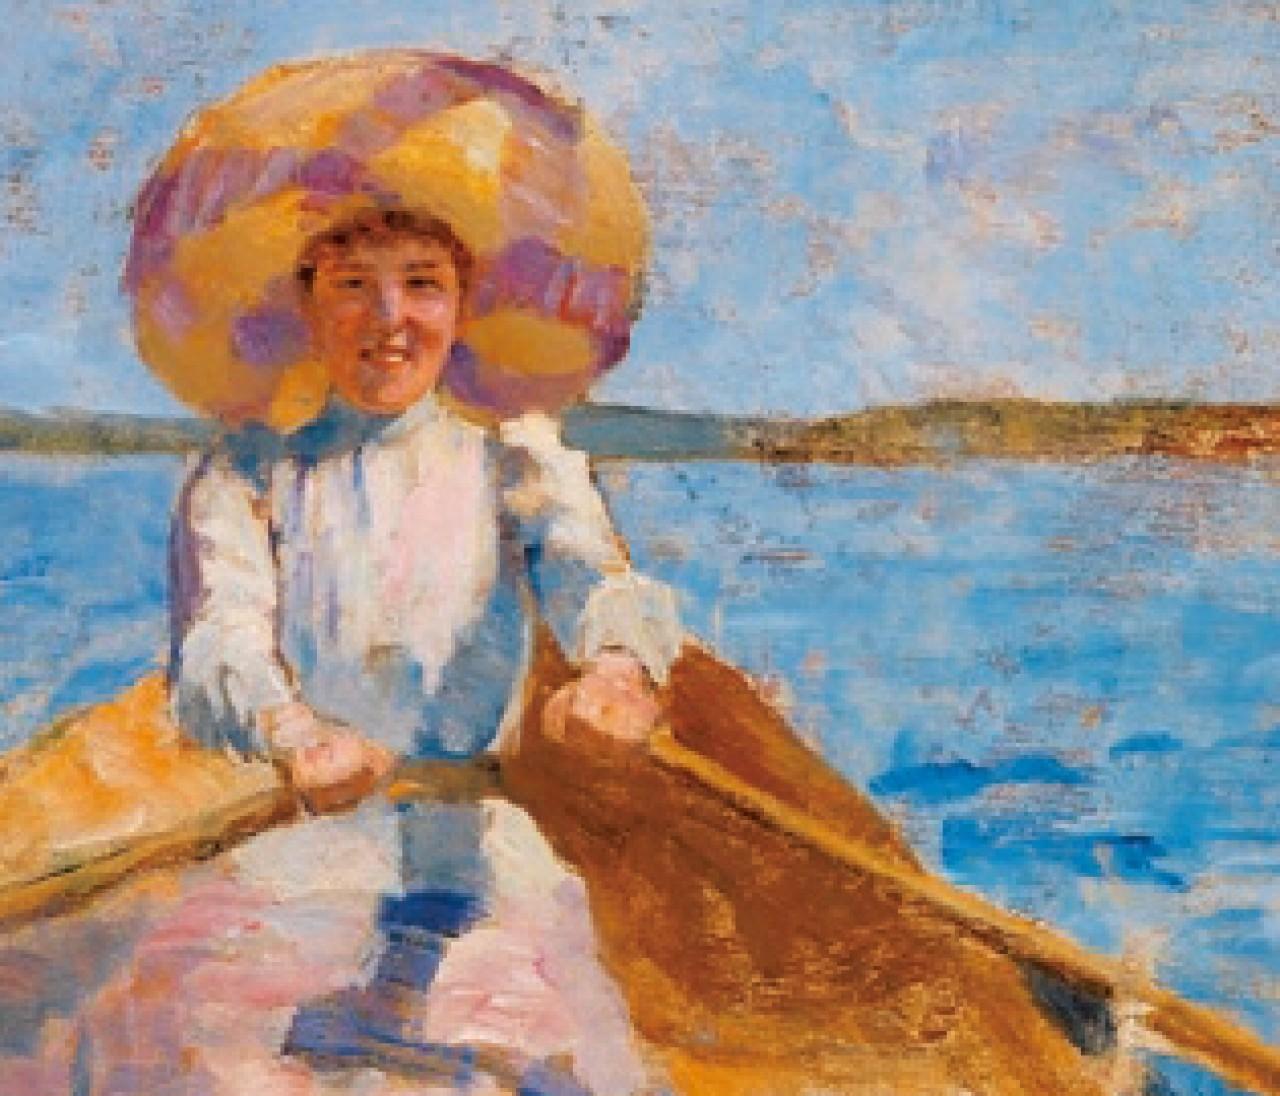 フィンランドとの外交関係樹立100周年記念『モダン・ウーマン ―フィンランド美術を彩った女性芸術家たち』